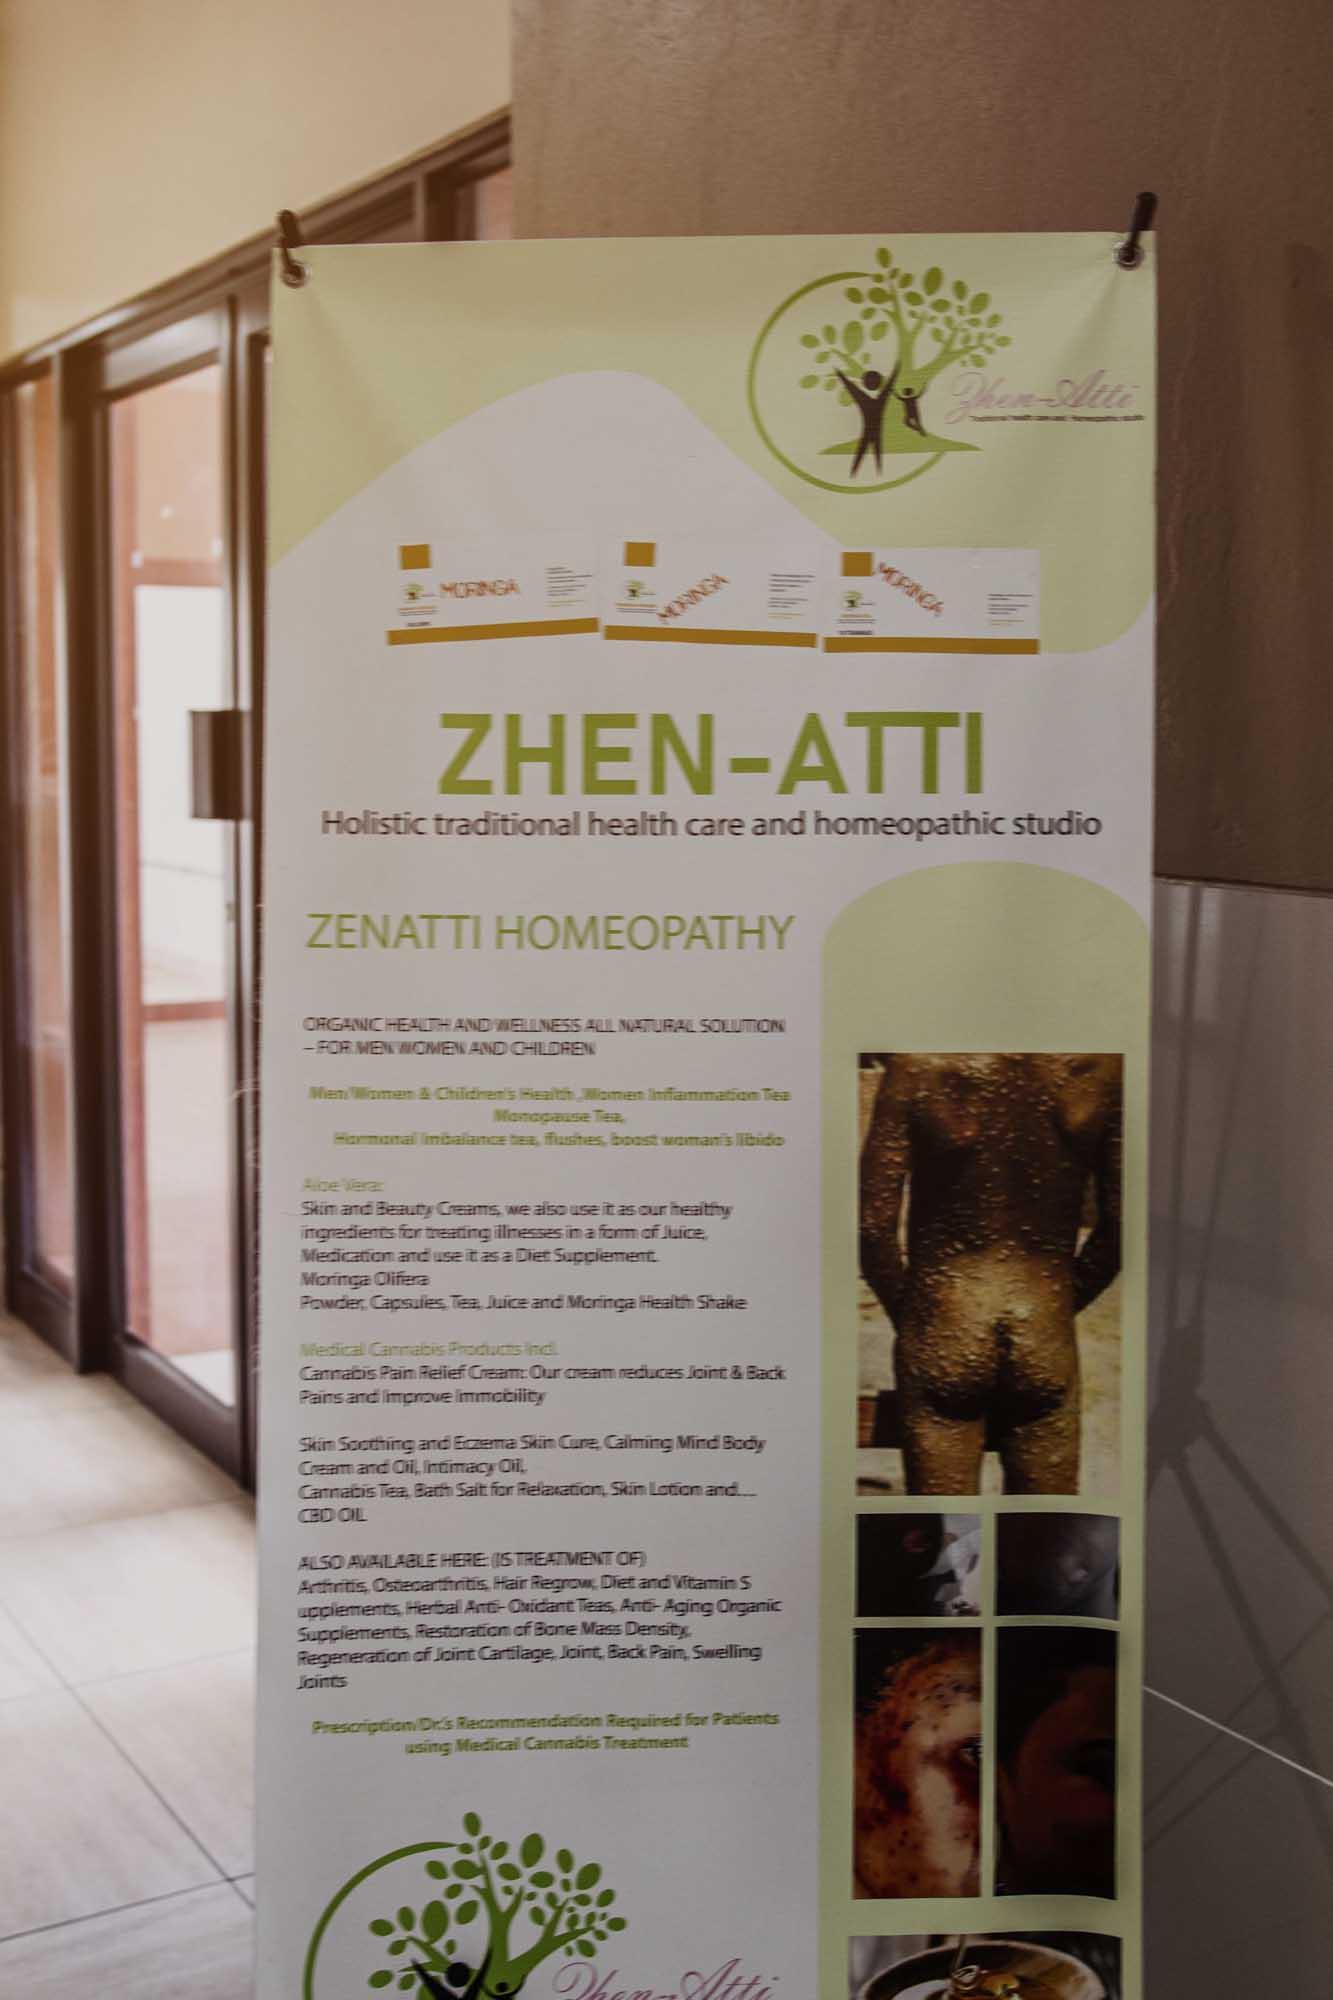 zhen-atti (2)